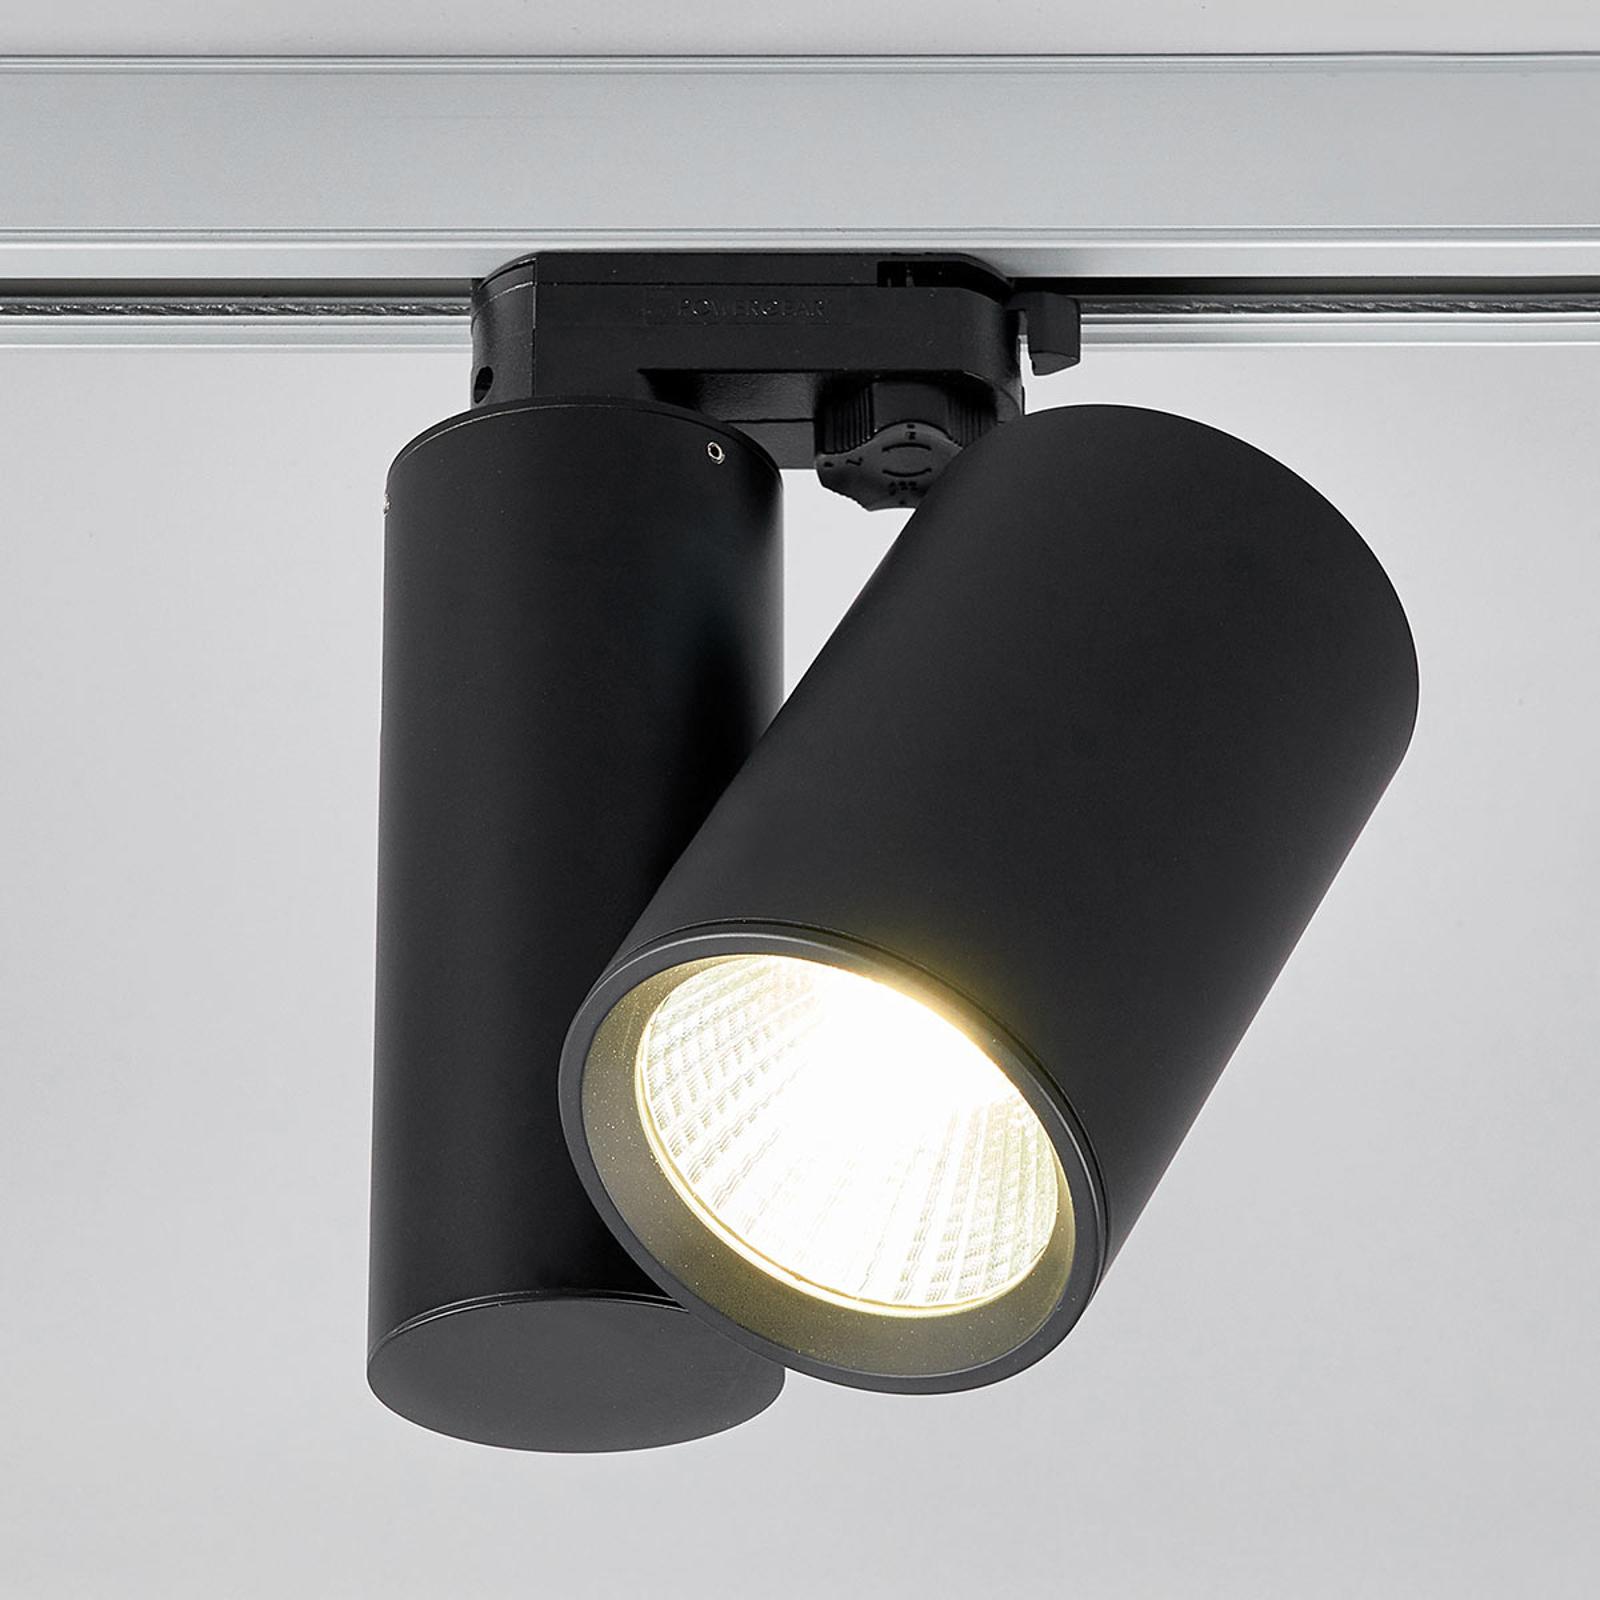 Czarny reflektor LED Giol do systemów szynowych